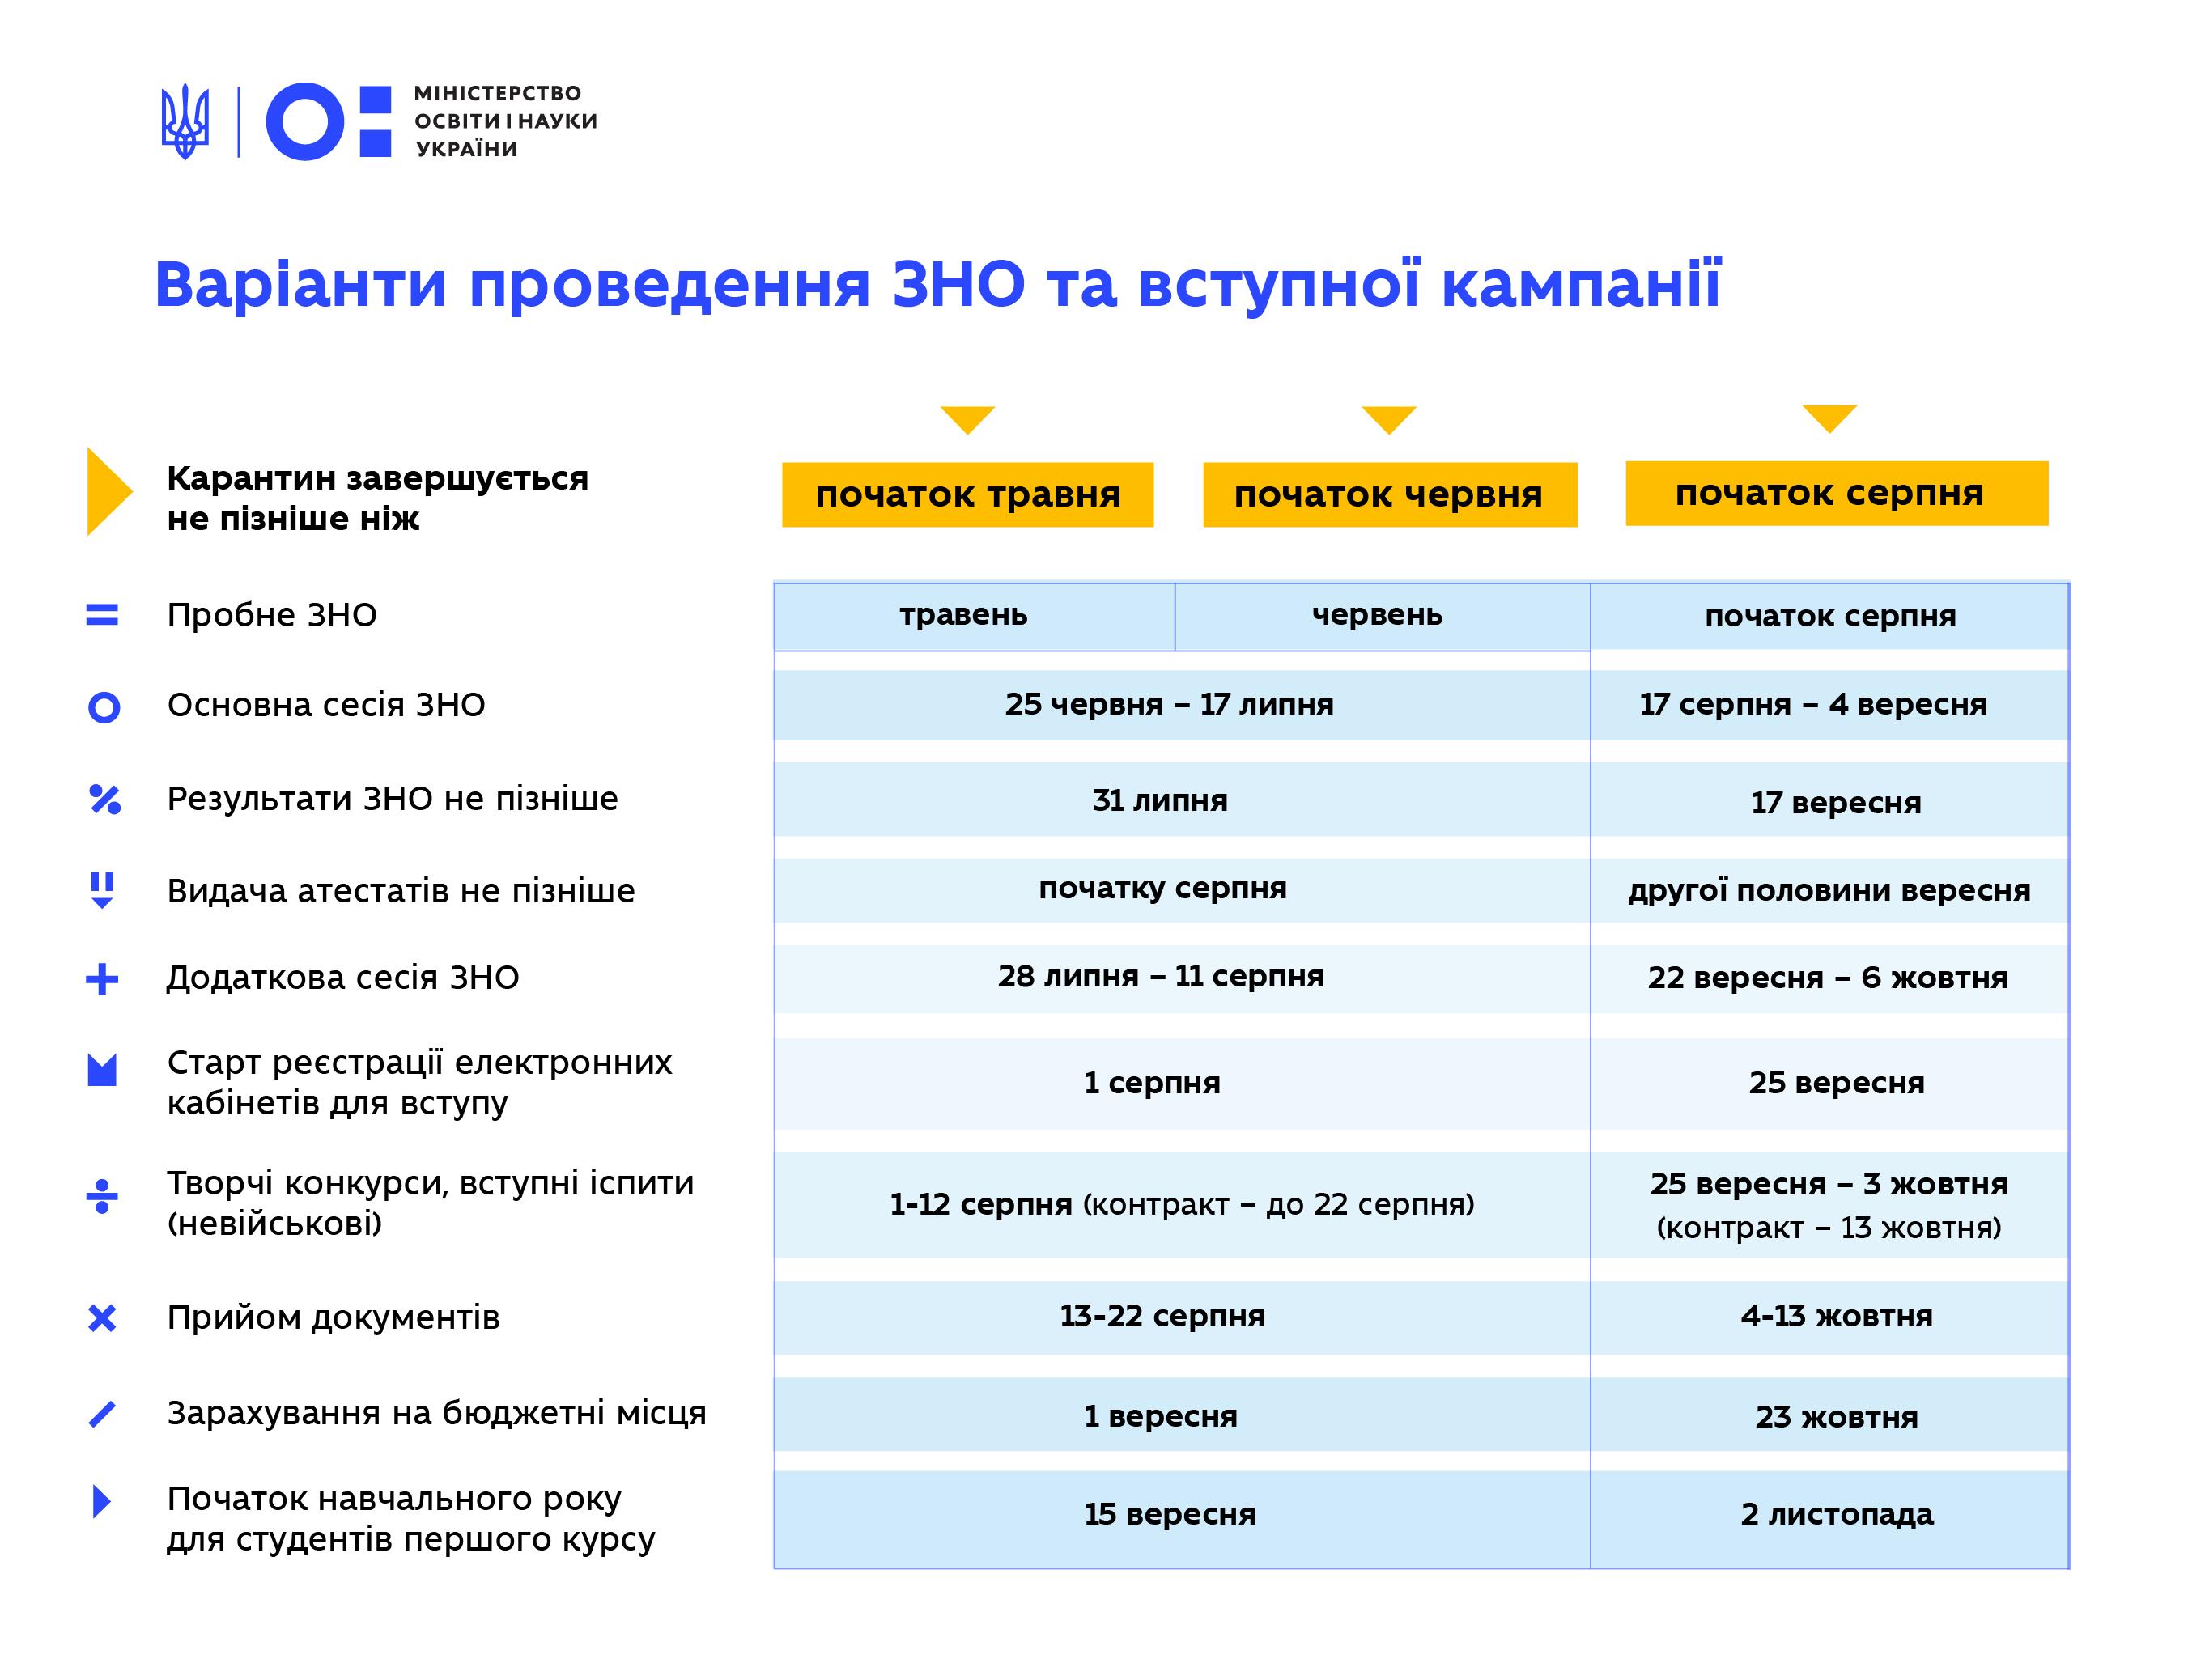 Два сценарії проведення вступної кампанії від Міністерства освіти і науки